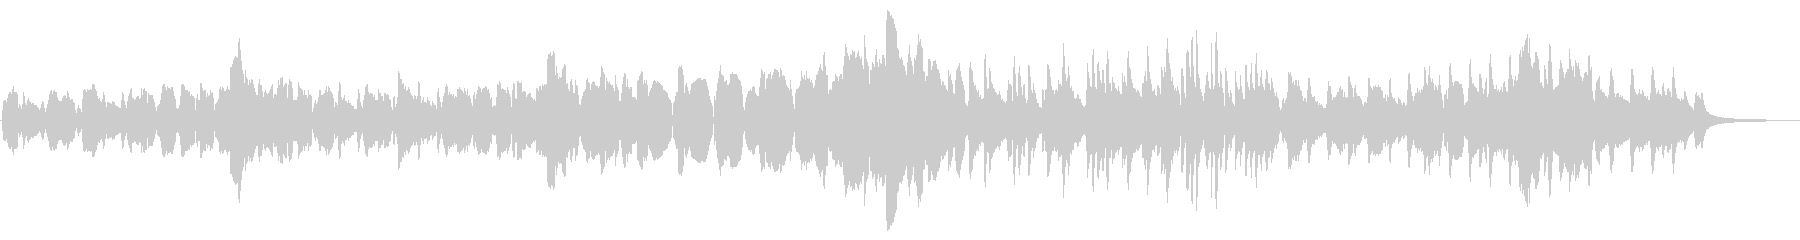 クラリネットでアラフォー応援ソングの未再生の波形